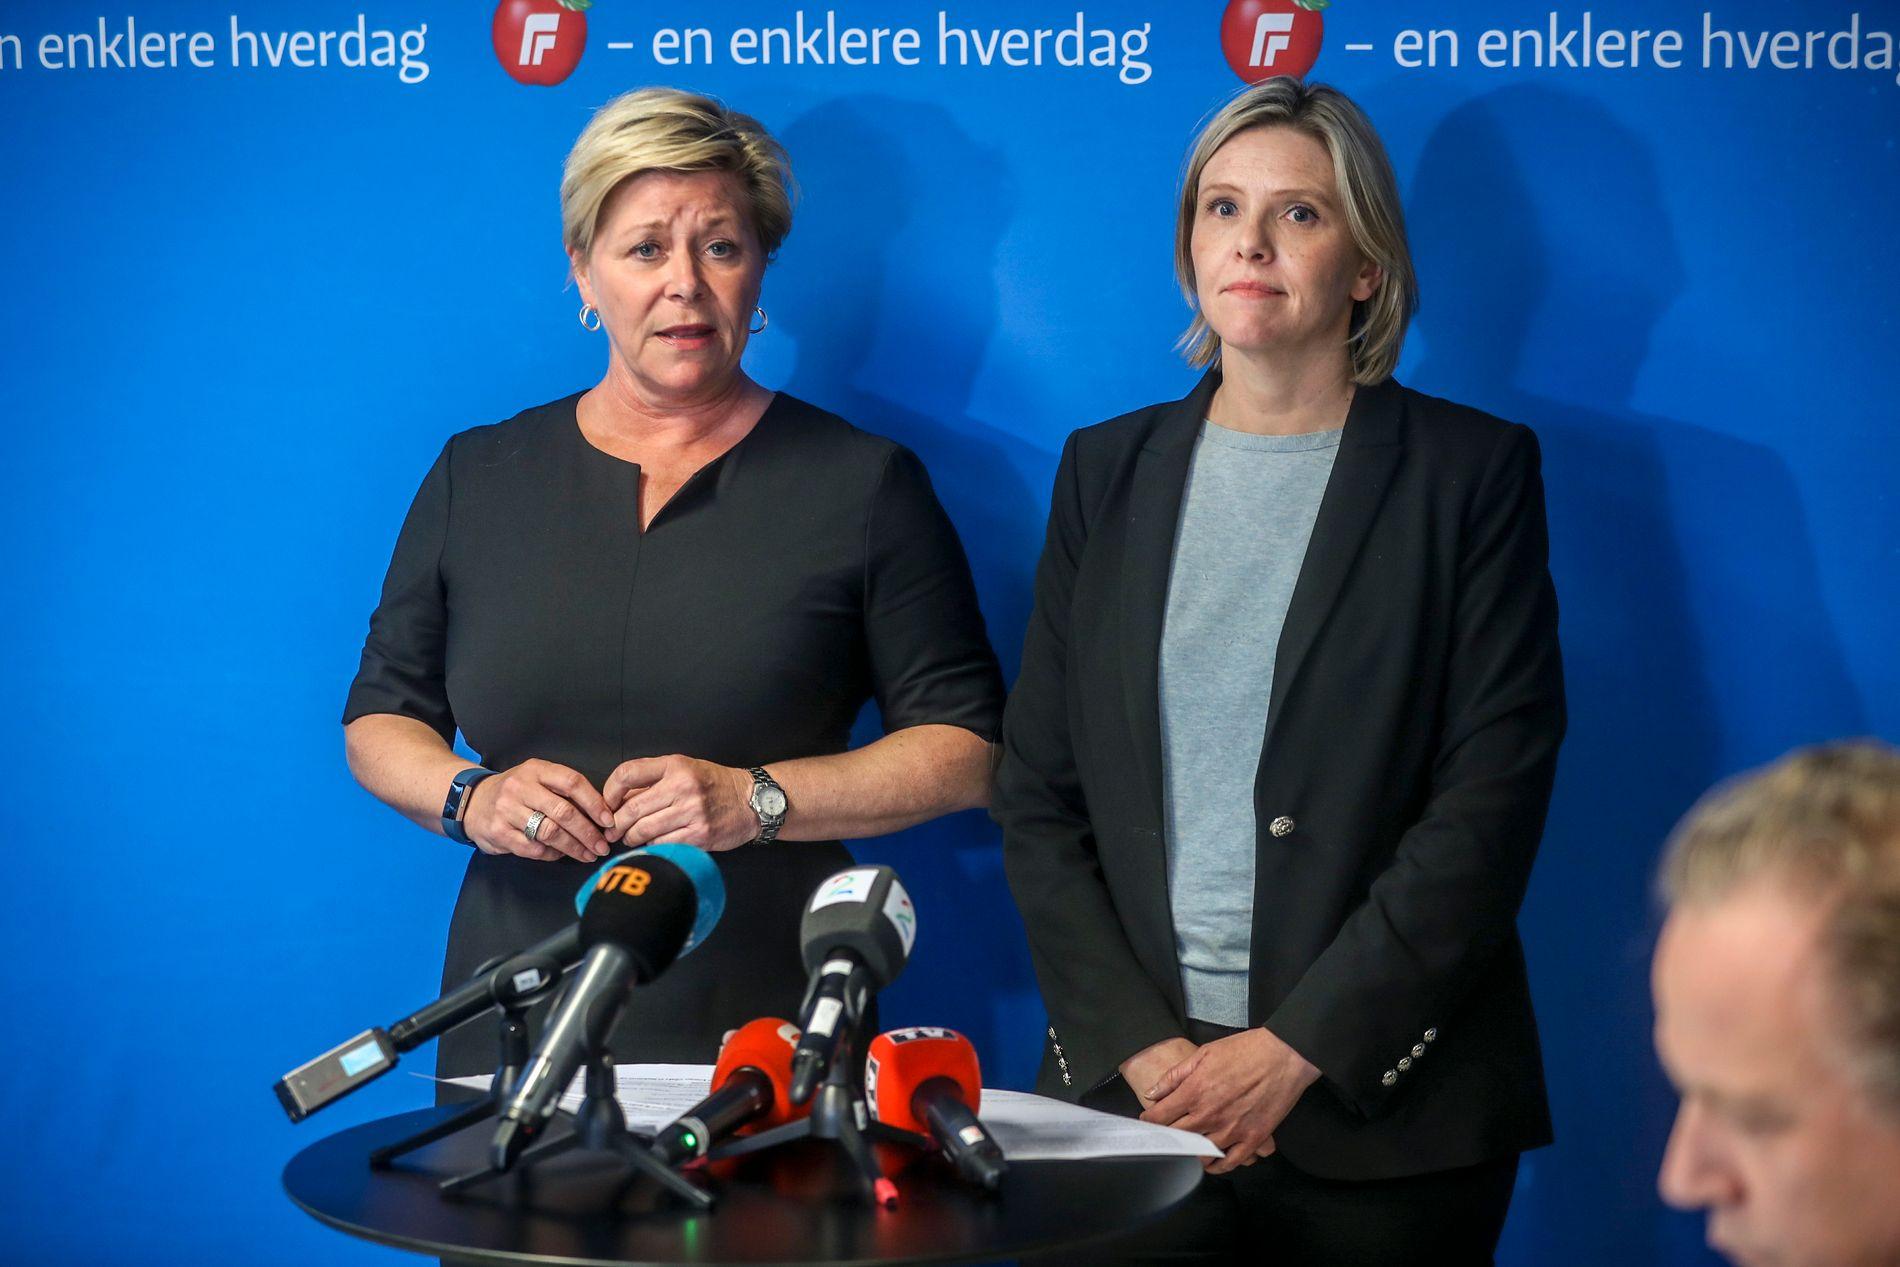 LITE Å BY PÅ: Frp-leder Siv Jensen og nestleder Sylvi Listhaug hadde lite å by bompengeopprørerne etter landsstyremøtet.